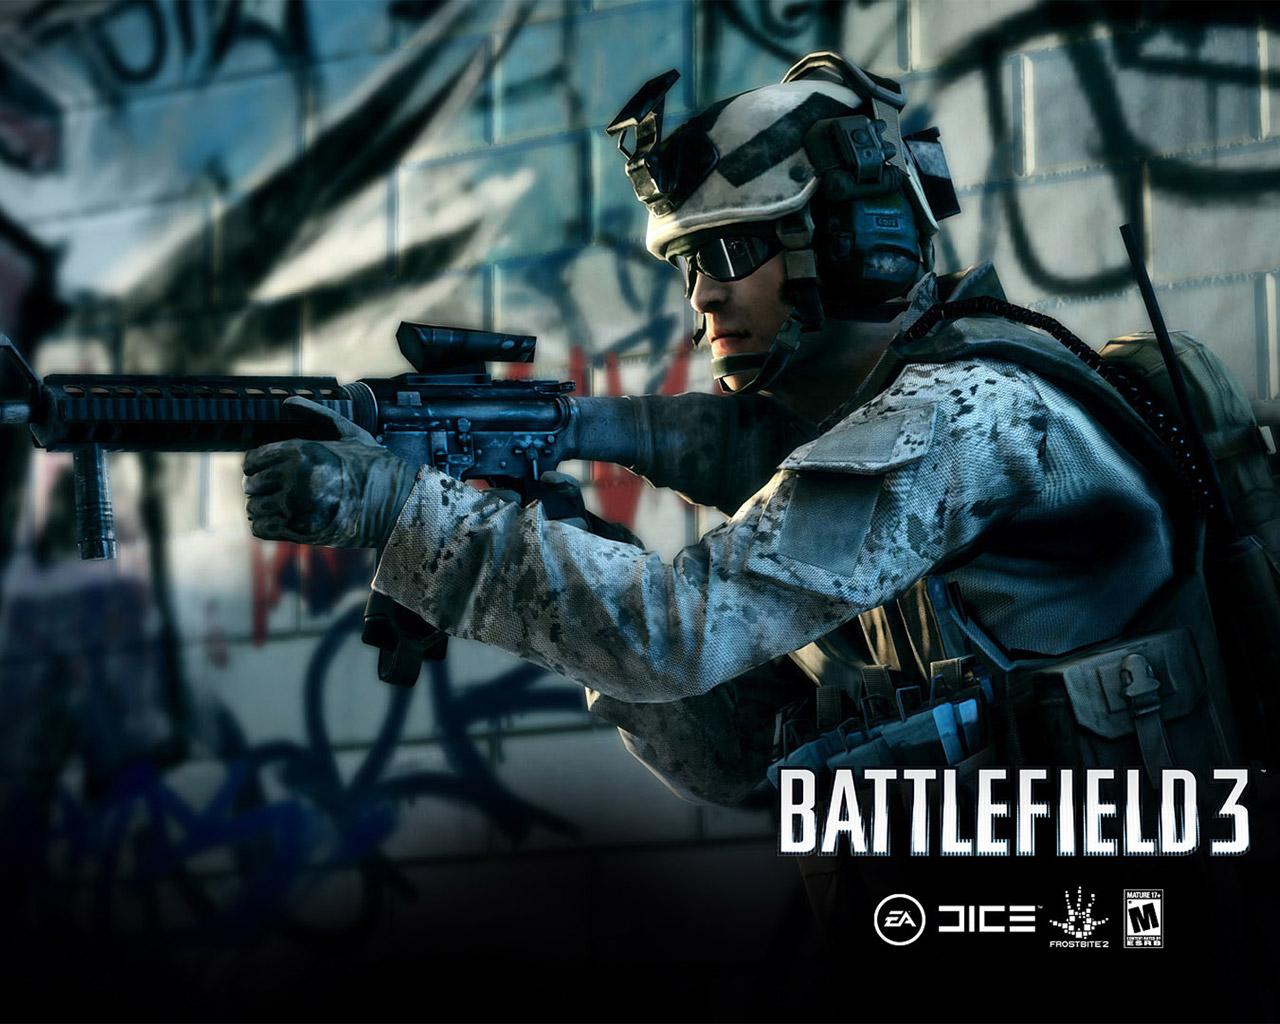 Free Battlefield 3 Wallpaper in 1280x1024